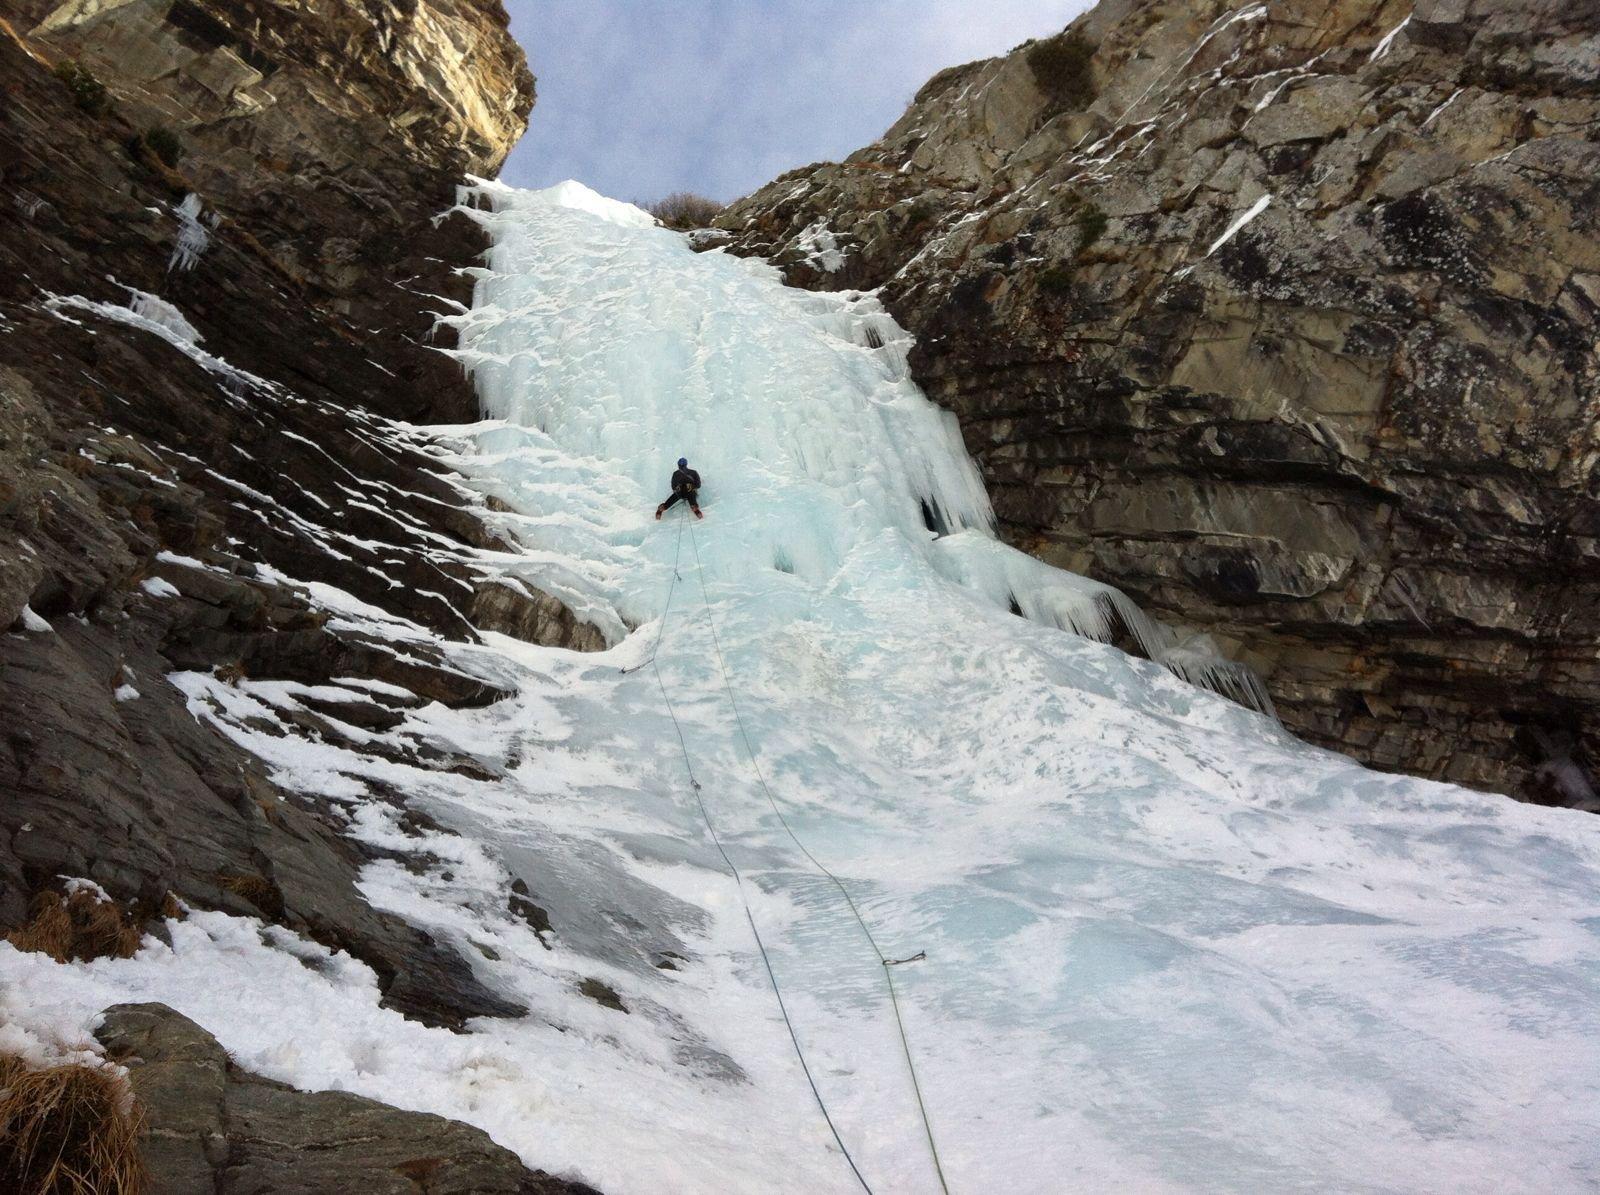 Una seconda linea a sinistra più facile con ghiaccio più lavorato.